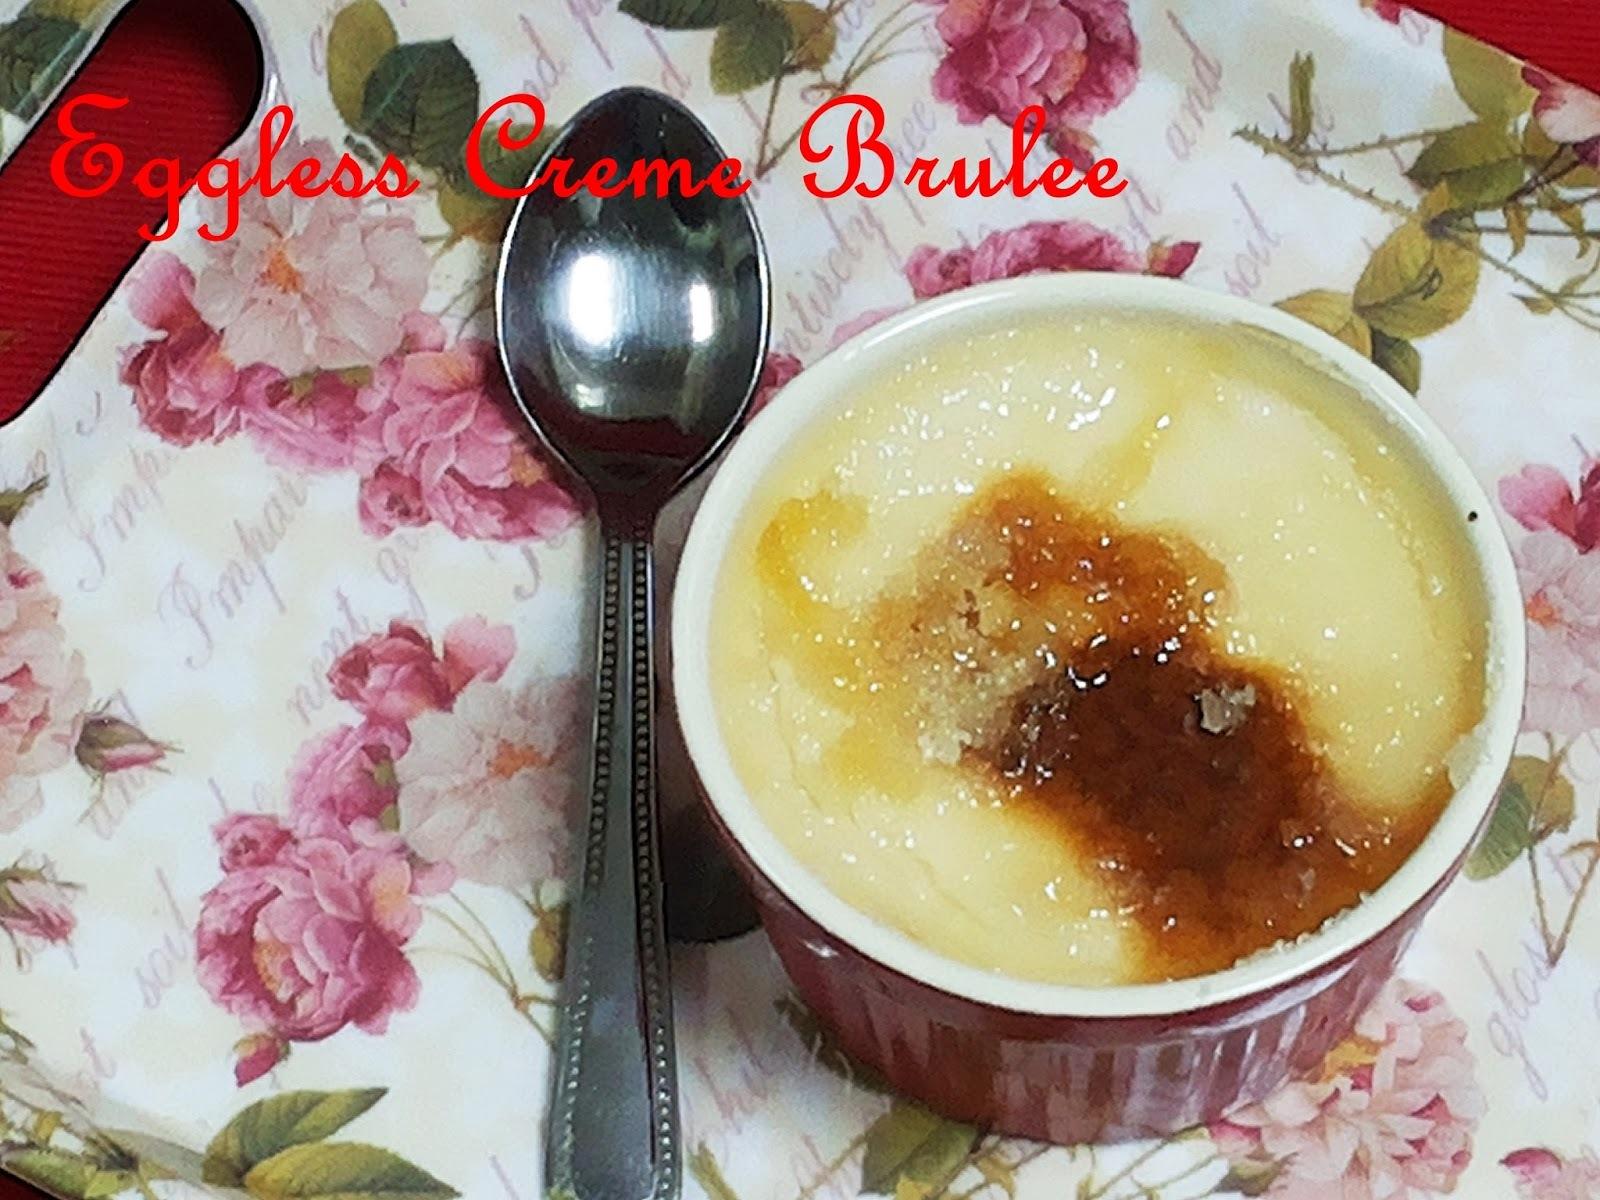 Eggless Creme Brulee